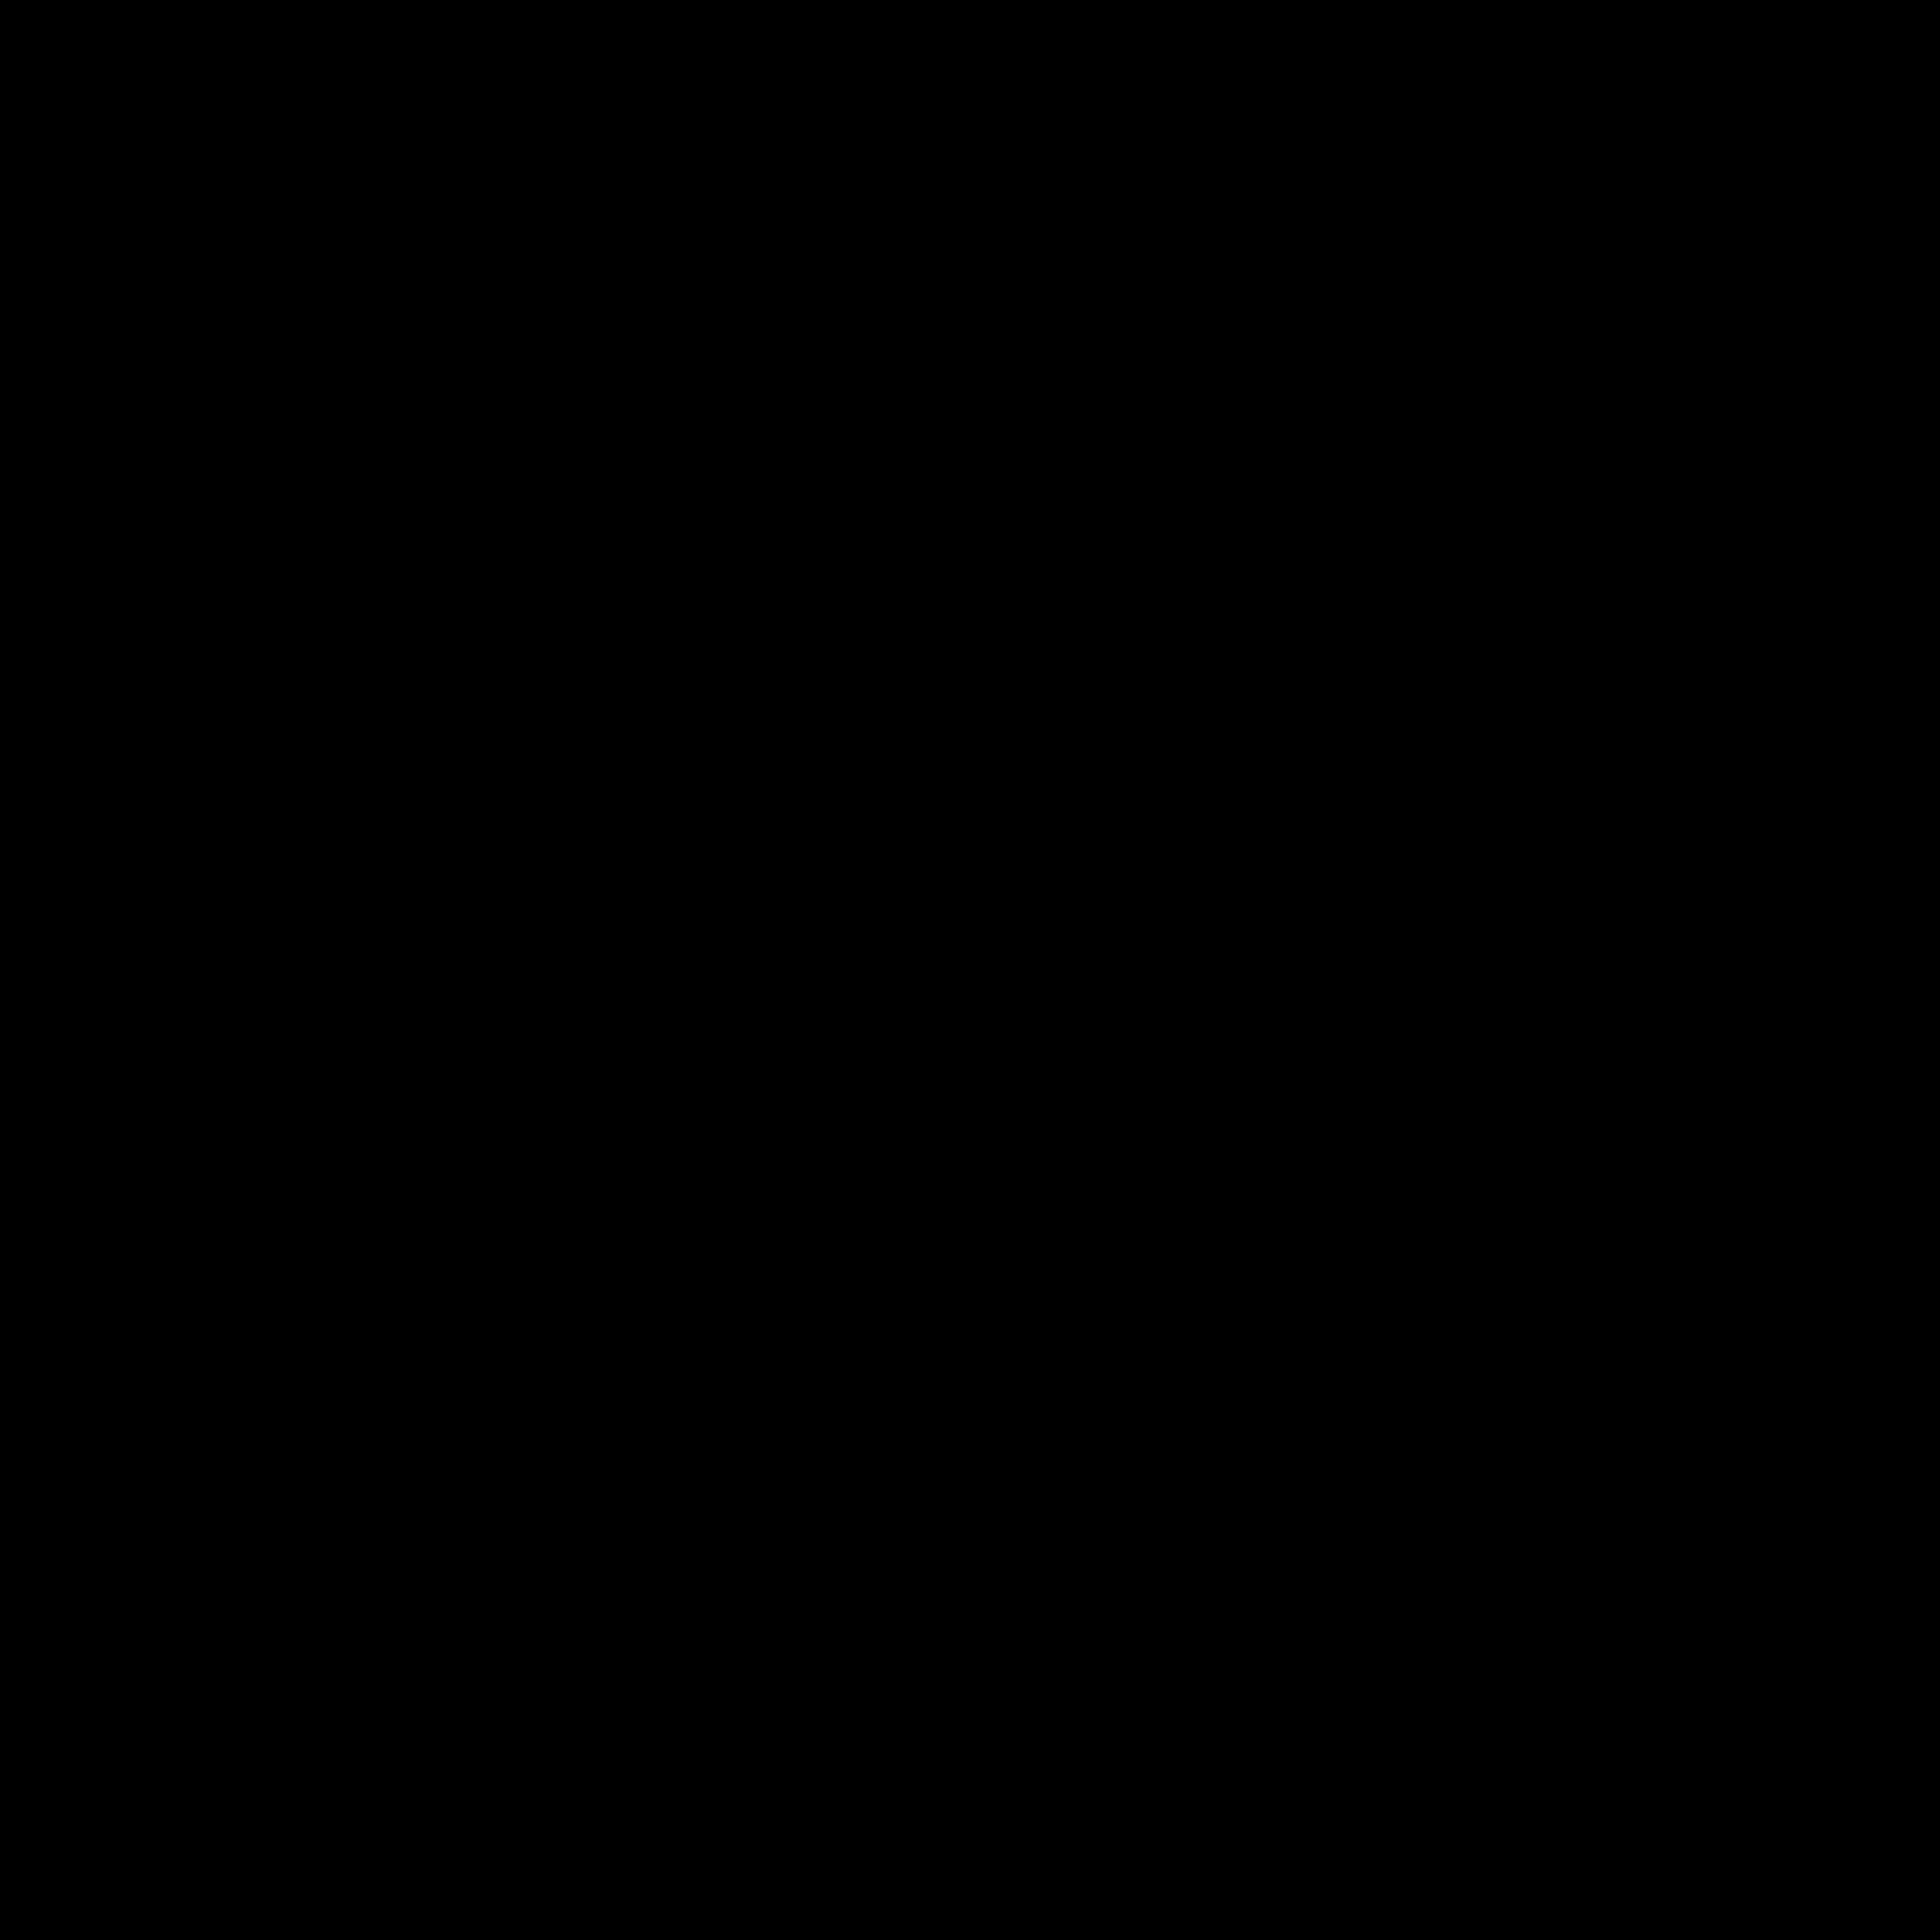 jacquesBook